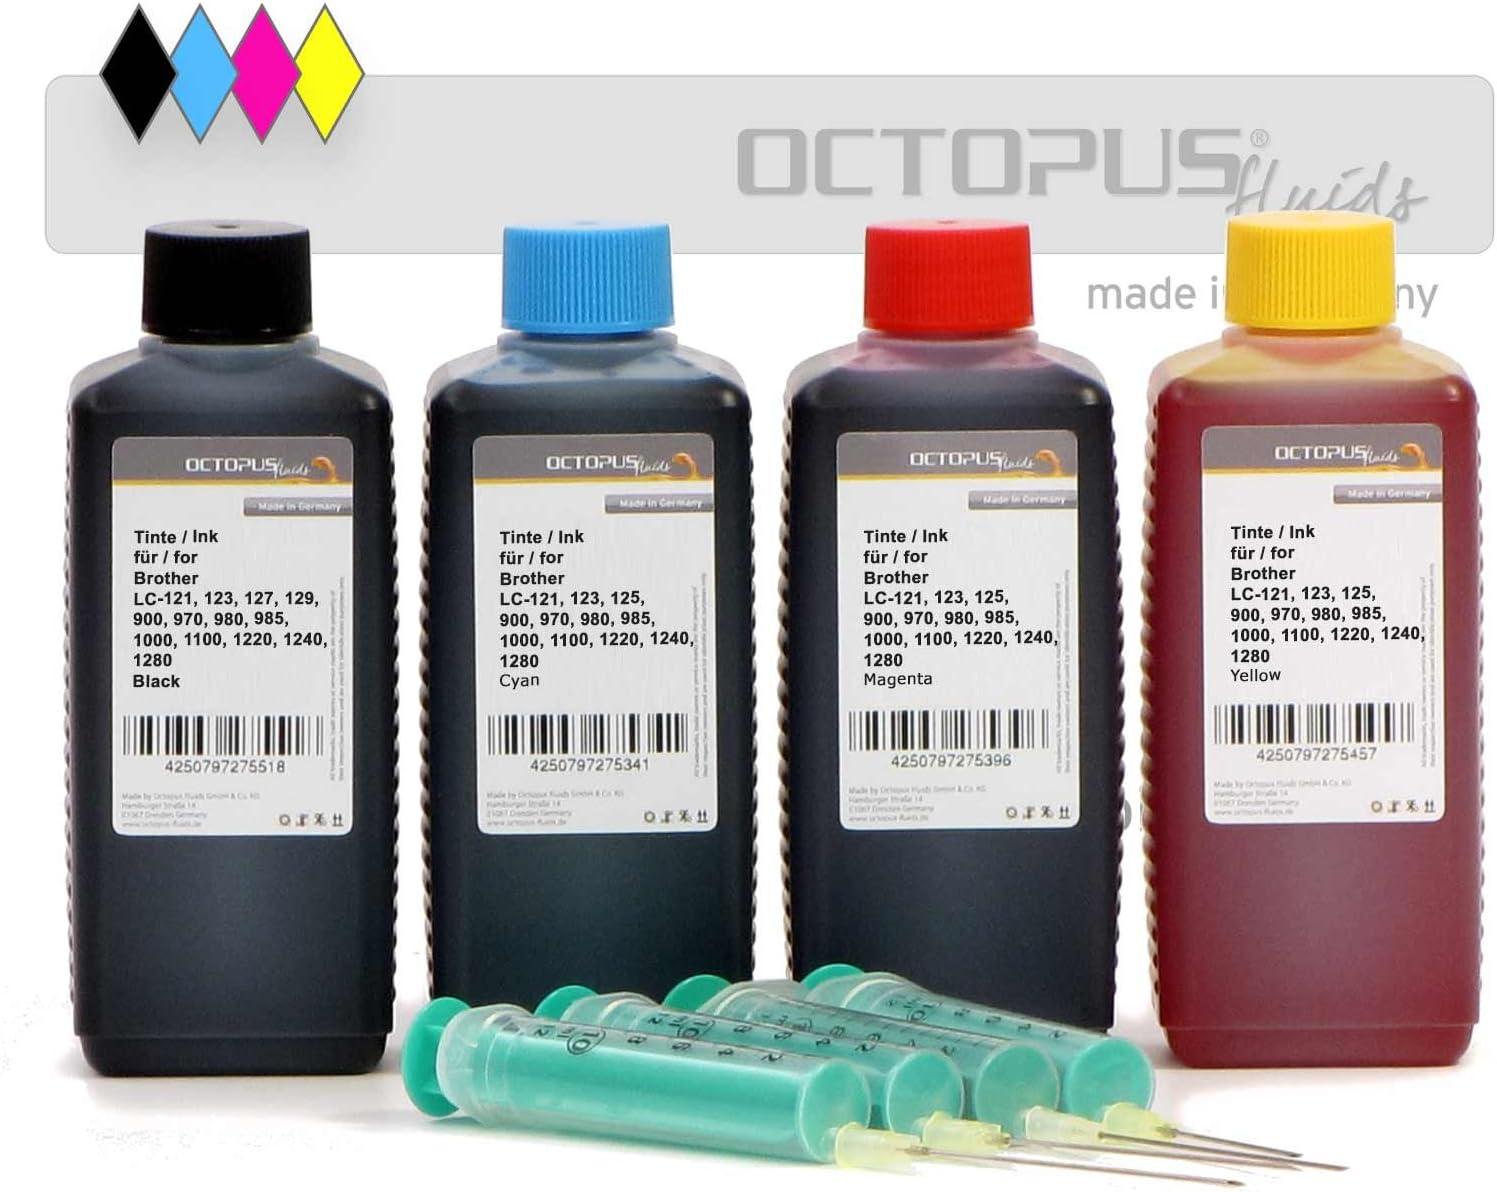 Octopus 400 ml de Tinta para Recargar, Tinta De Impresora para ...